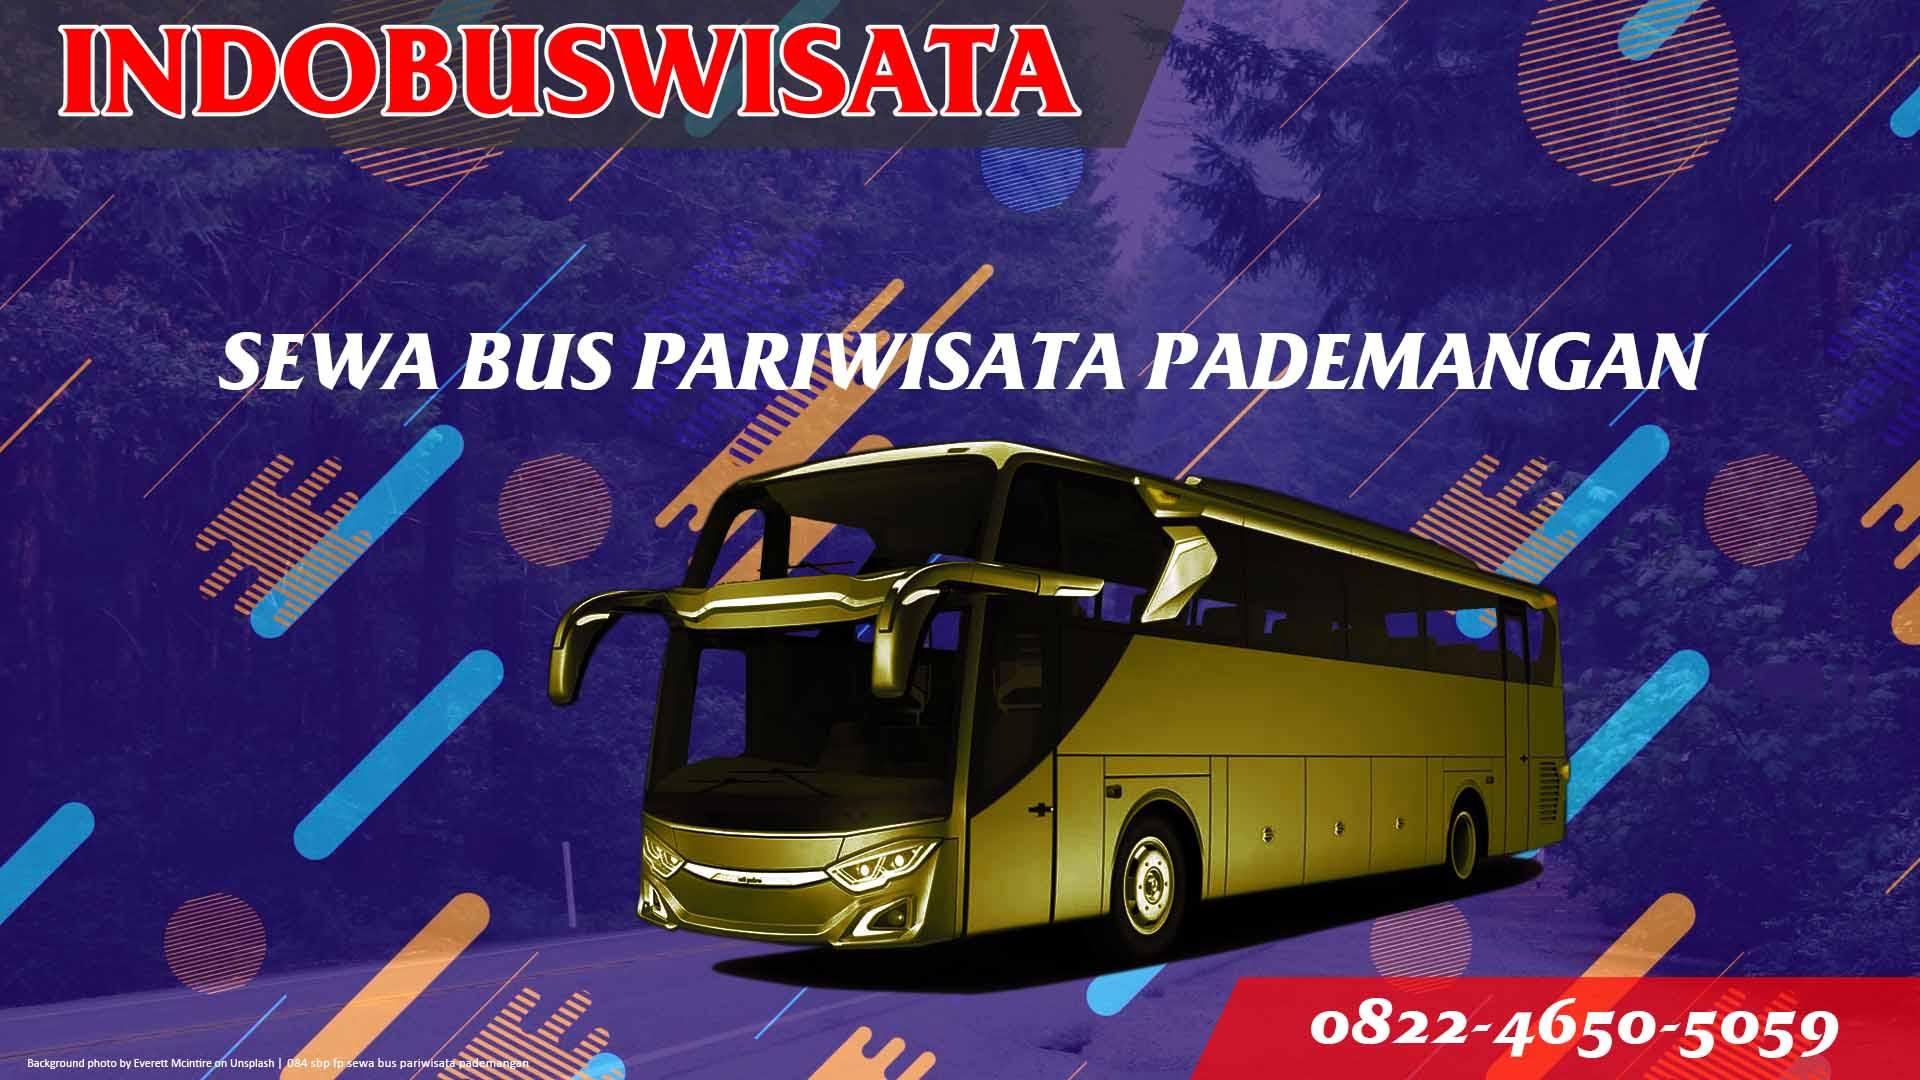 084 Sbp Fp Sewa Bus Pariwisata Pademangan Indobuswisata